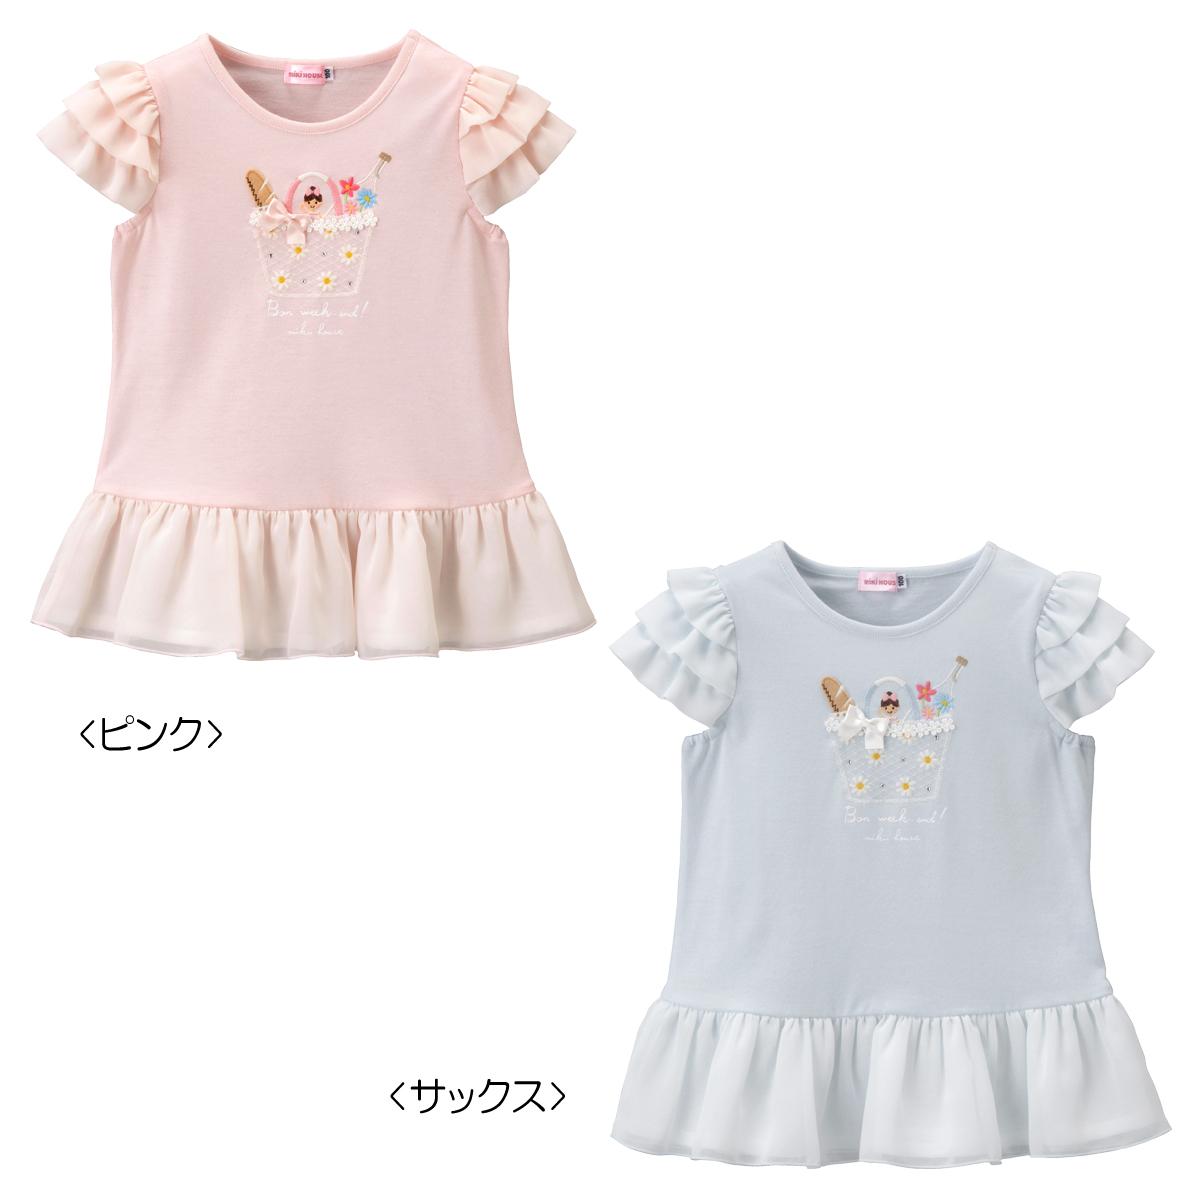 送料込 ☆ミキハウス☆ 保障 SALE ミキハウス シフォンフリル付き半袖Tシャツ mikihouse アウトレット セール 90cm